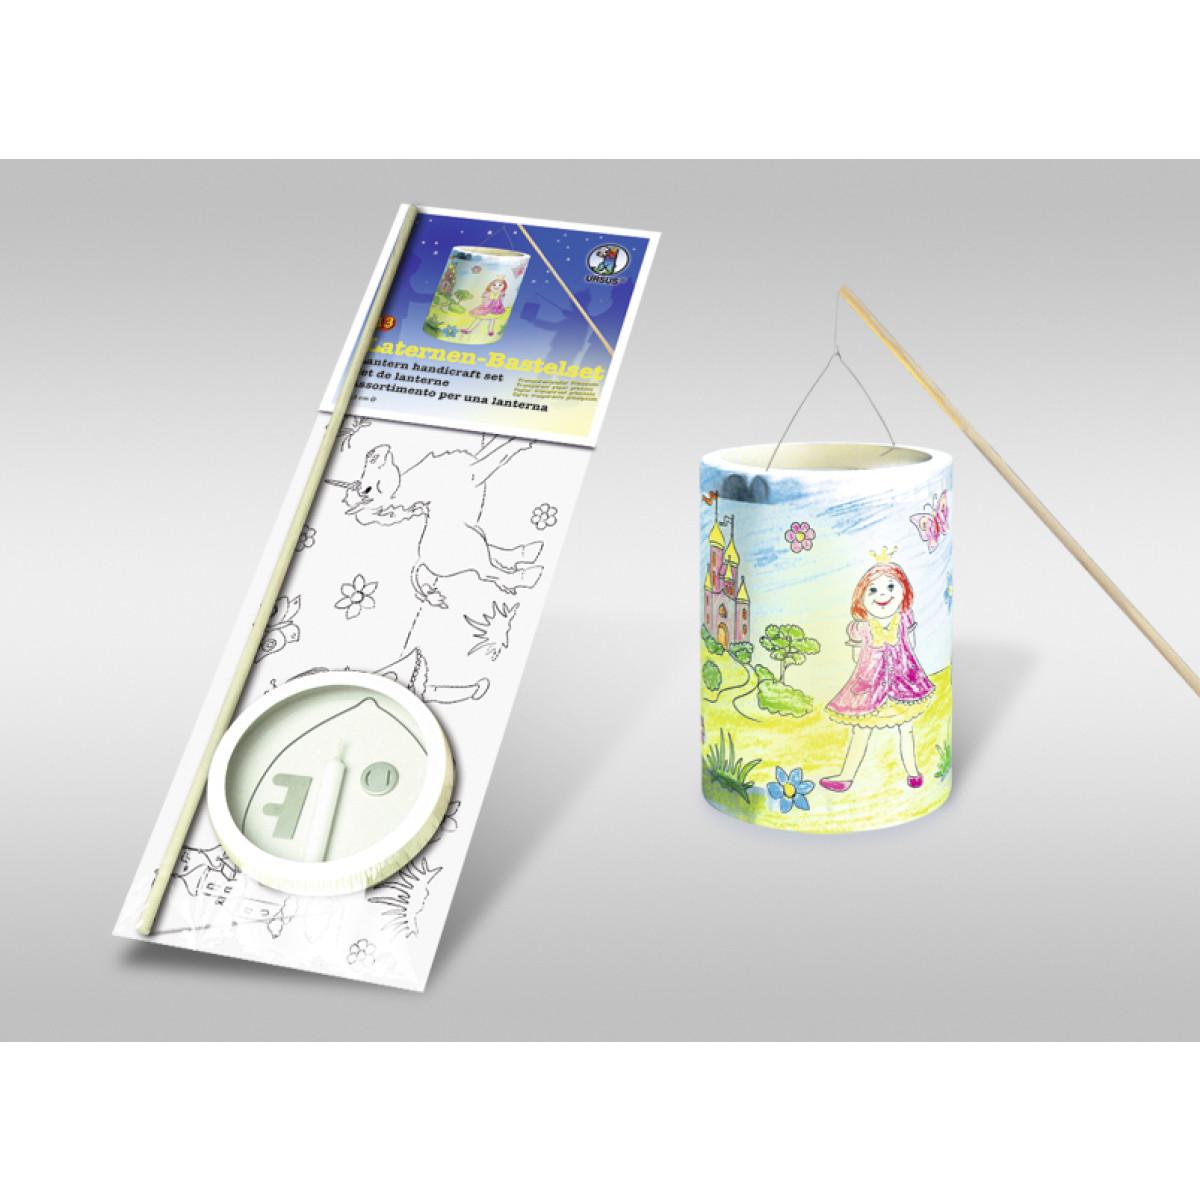 laternenbastelset 13 mit transparentpapier zum ausmalen